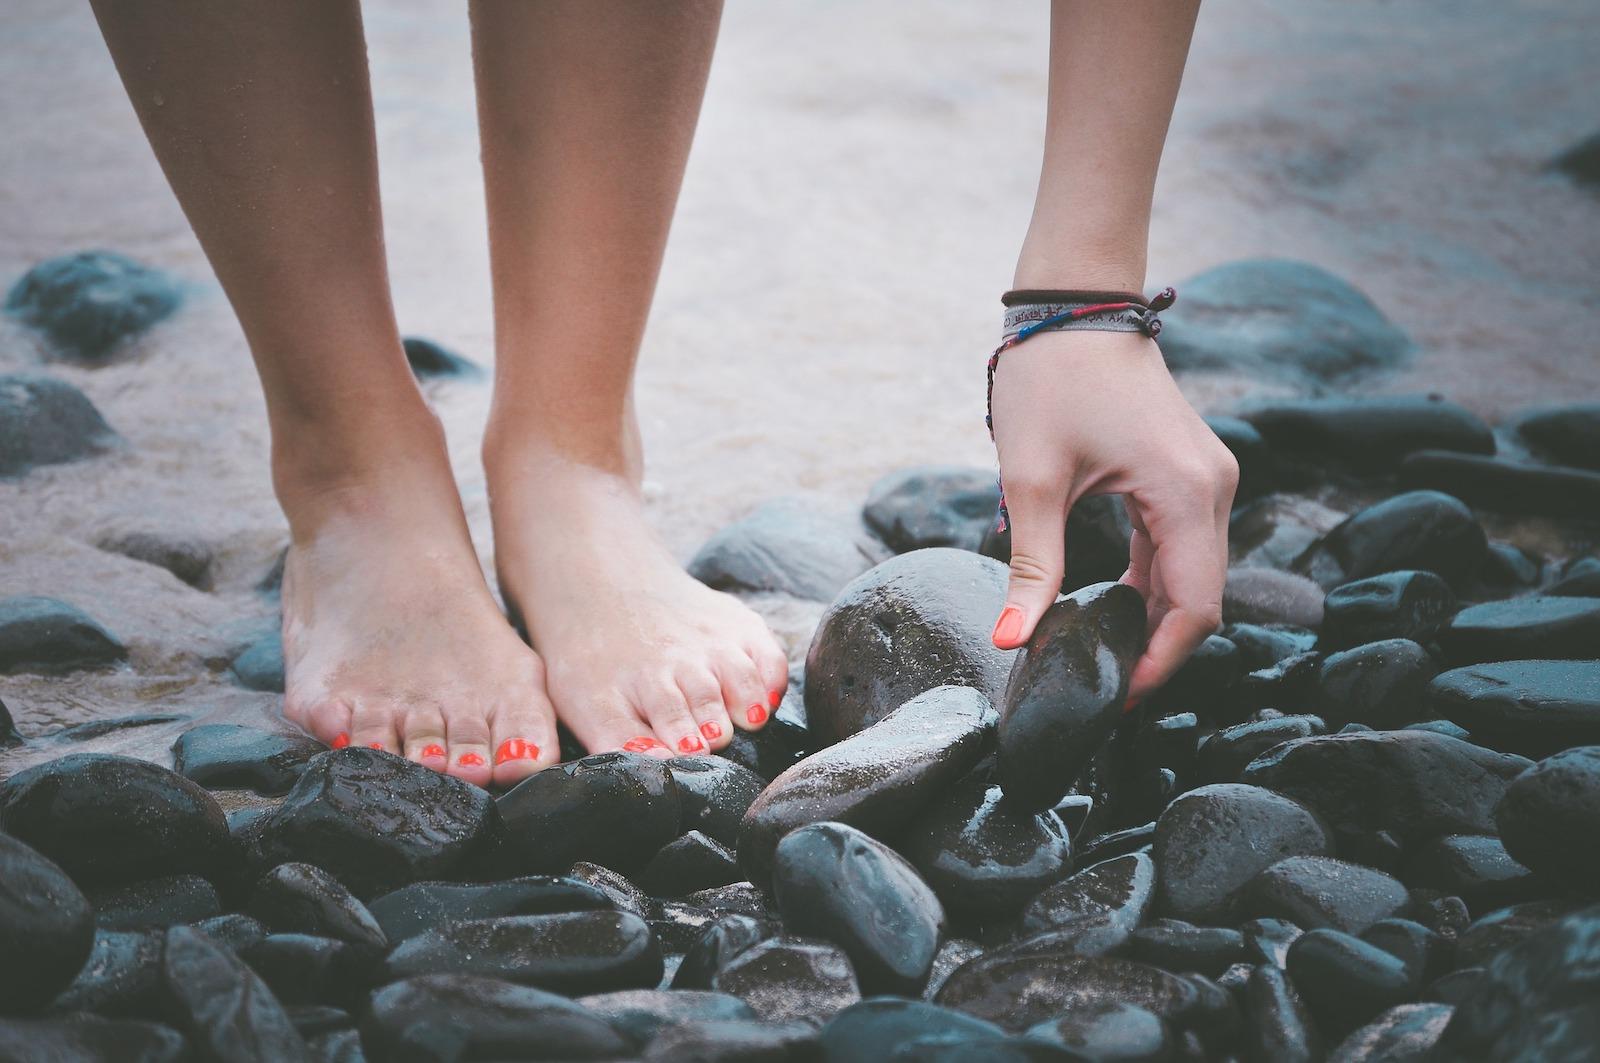 Füße auf Steinen